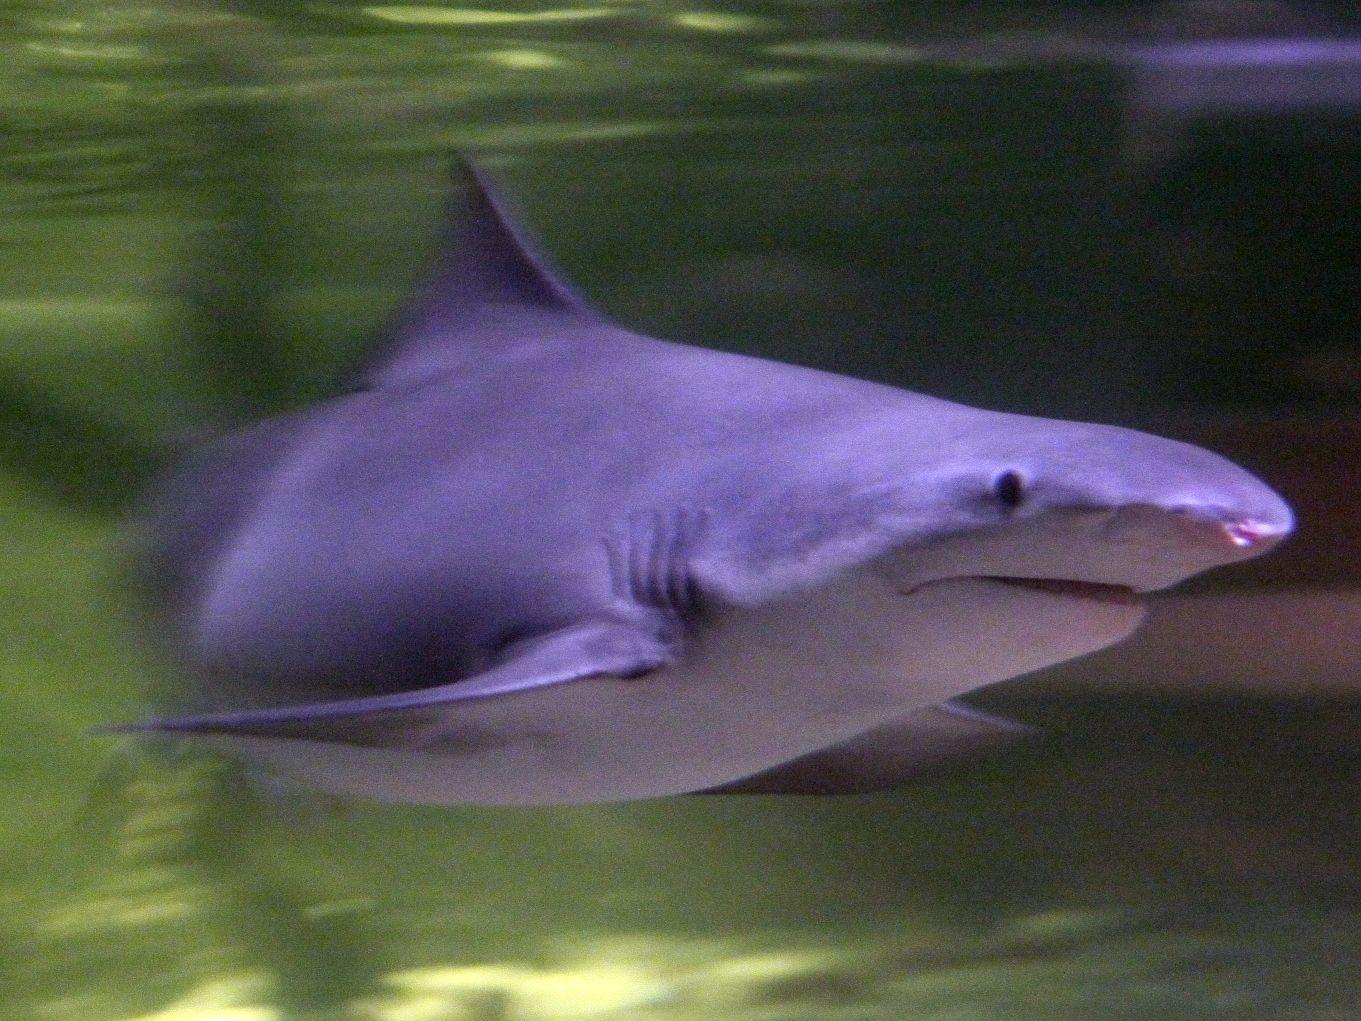 معيشة القرش النهري ذو الأسنان الرمحية